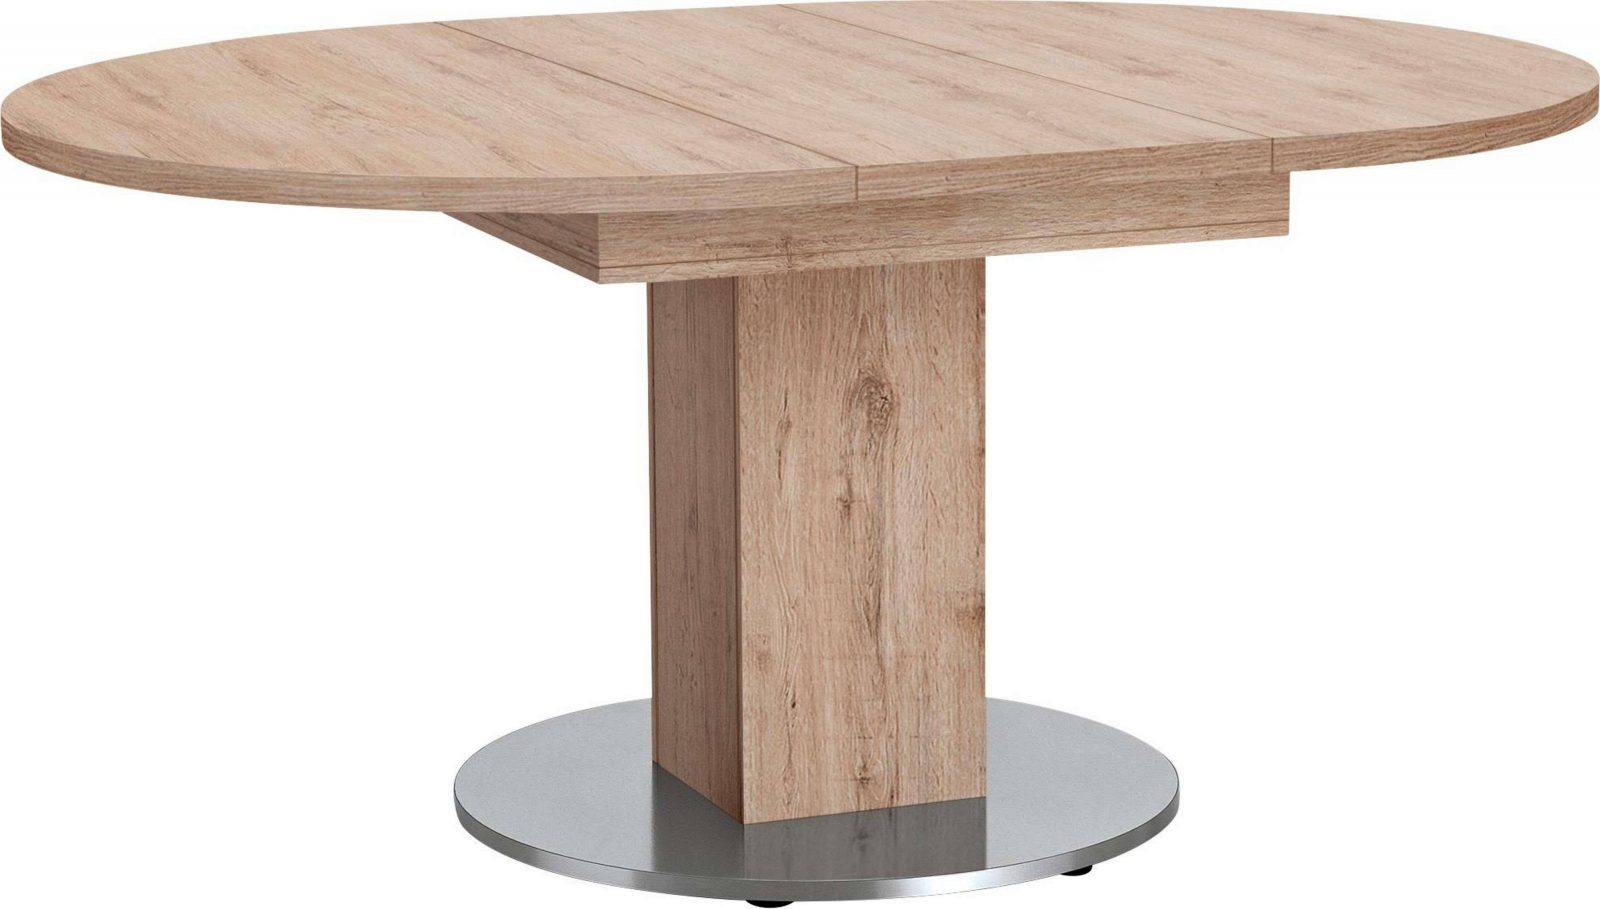 Esstisch Rund 120 Cm Tolle 29 Ideen Beste Möbelideen Für Design von Gartentisch Holz Rund 120 Bild